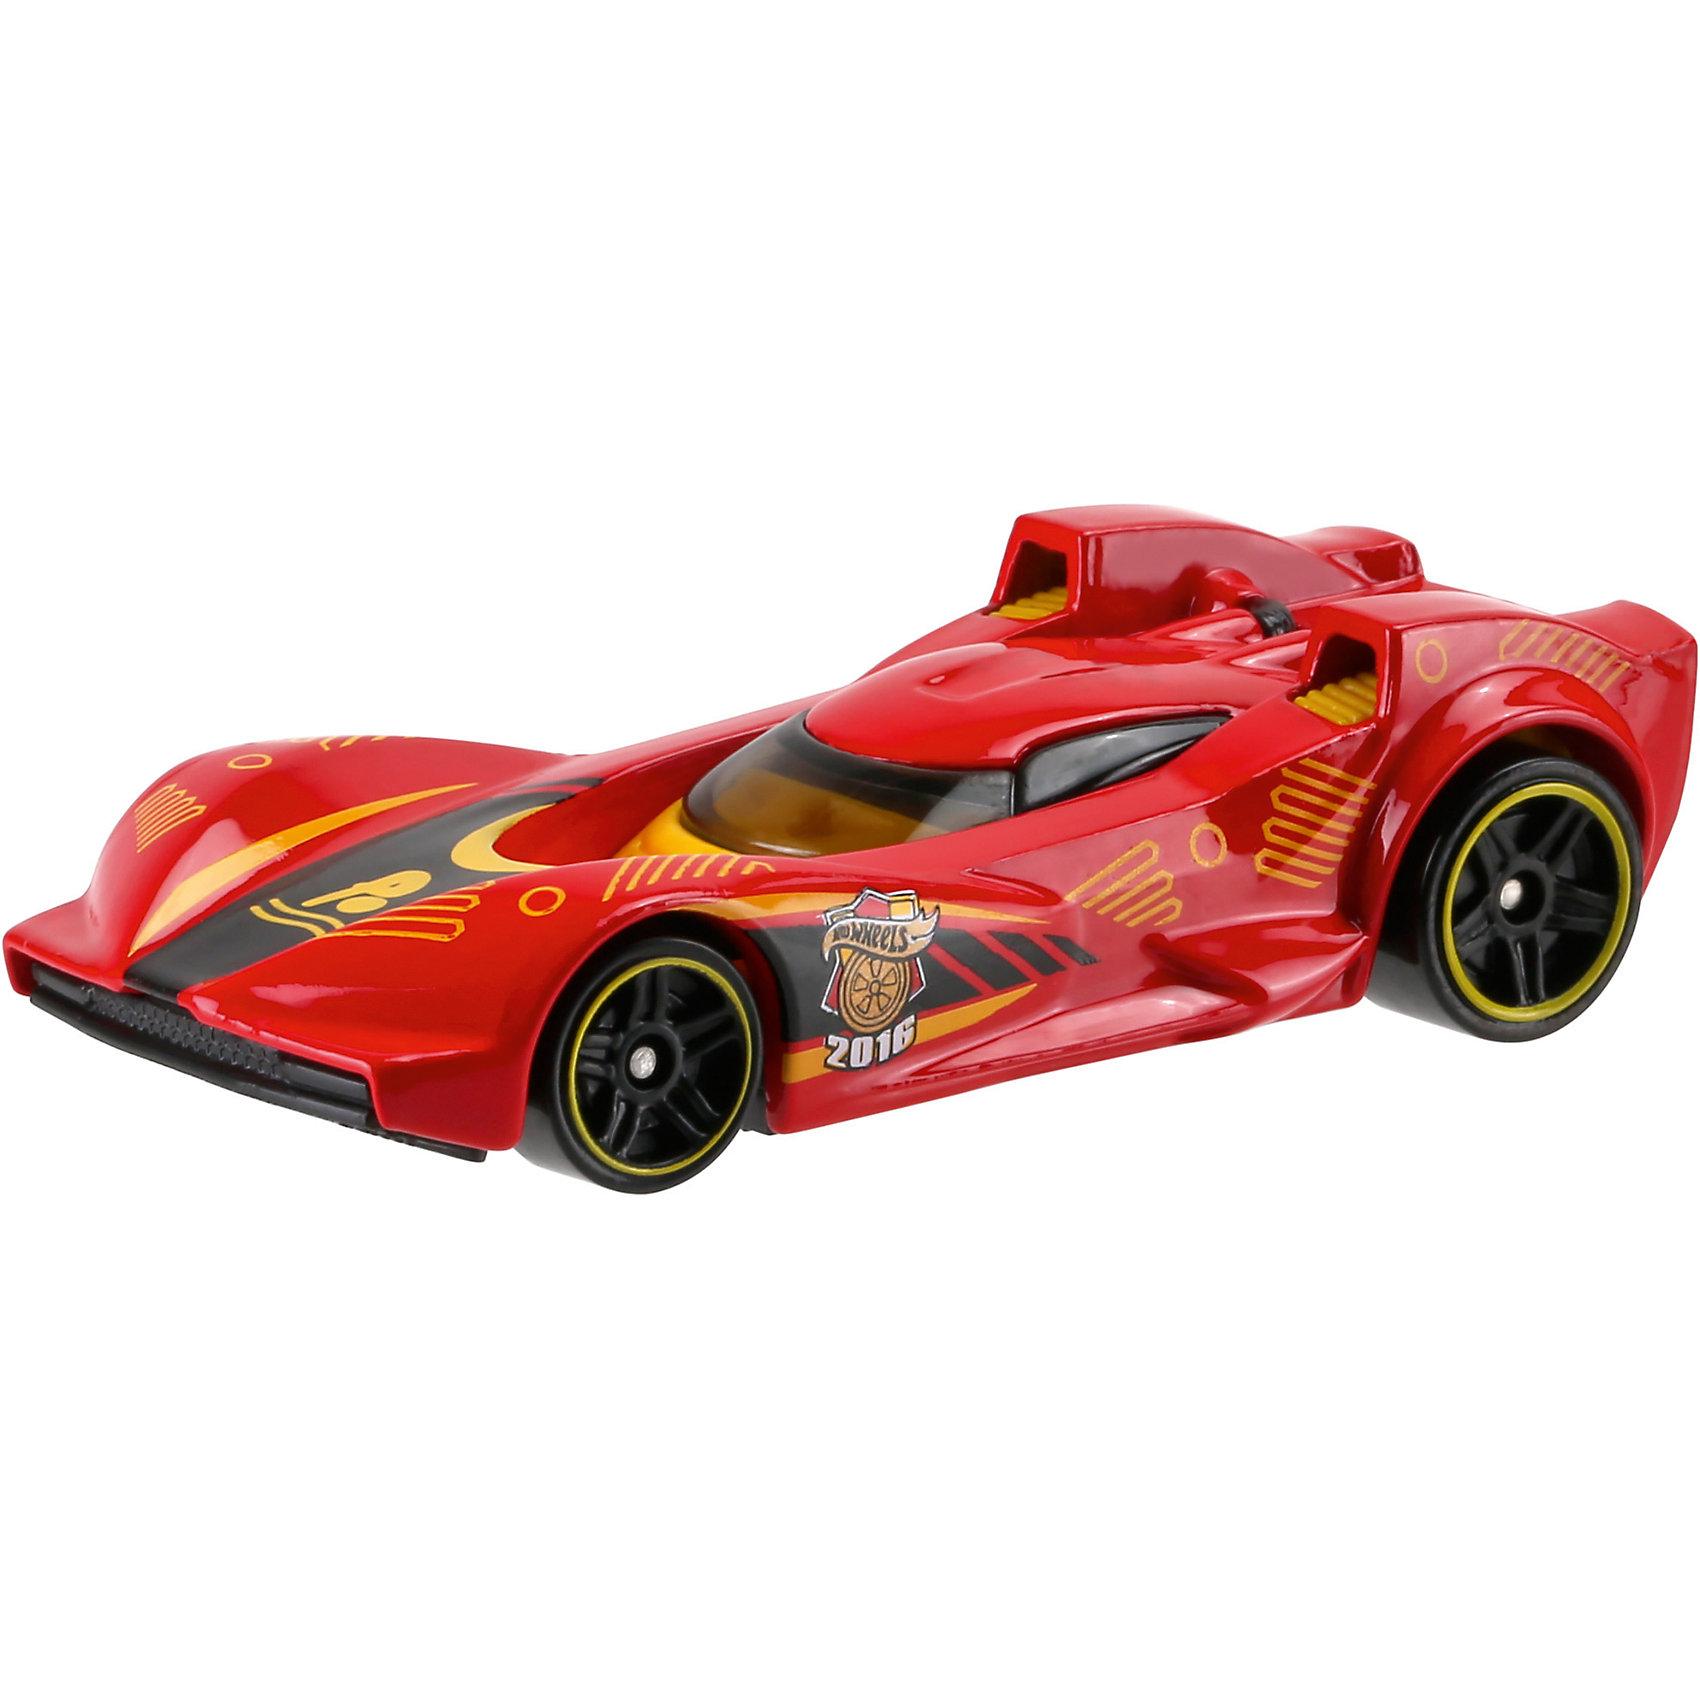 Машинка Hot Wheels из базовой коллекцииМашинки<br>Машинка Hot Wheels из базовой коллекции – высококачественная масштабная модель машины, имеющая неординарный, радикальный дизайн. <br><br>В упаковке 1 машинка,  машинки тематически обусловлены от фантазийных, спасательных до экстремальных и просто скоростных машин. <br><br>Соберите свою коллекцию машинок Hot Wheels!<br><br>Дополнительная информация: <br><br>Машинка стандартного размера Hot Wheels<br>Размер упаковки: 11 х 10,5 х 3,5 см<br><br>Ширина мм: 110<br>Глубина мм: 45<br>Высота мм: 110<br>Вес г: 30<br>Возраст от месяцев: 36<br>Возраст до месяцев: 96<br>Пол: Мужской<br>Возраст: Детский<br>SKU: 4901811